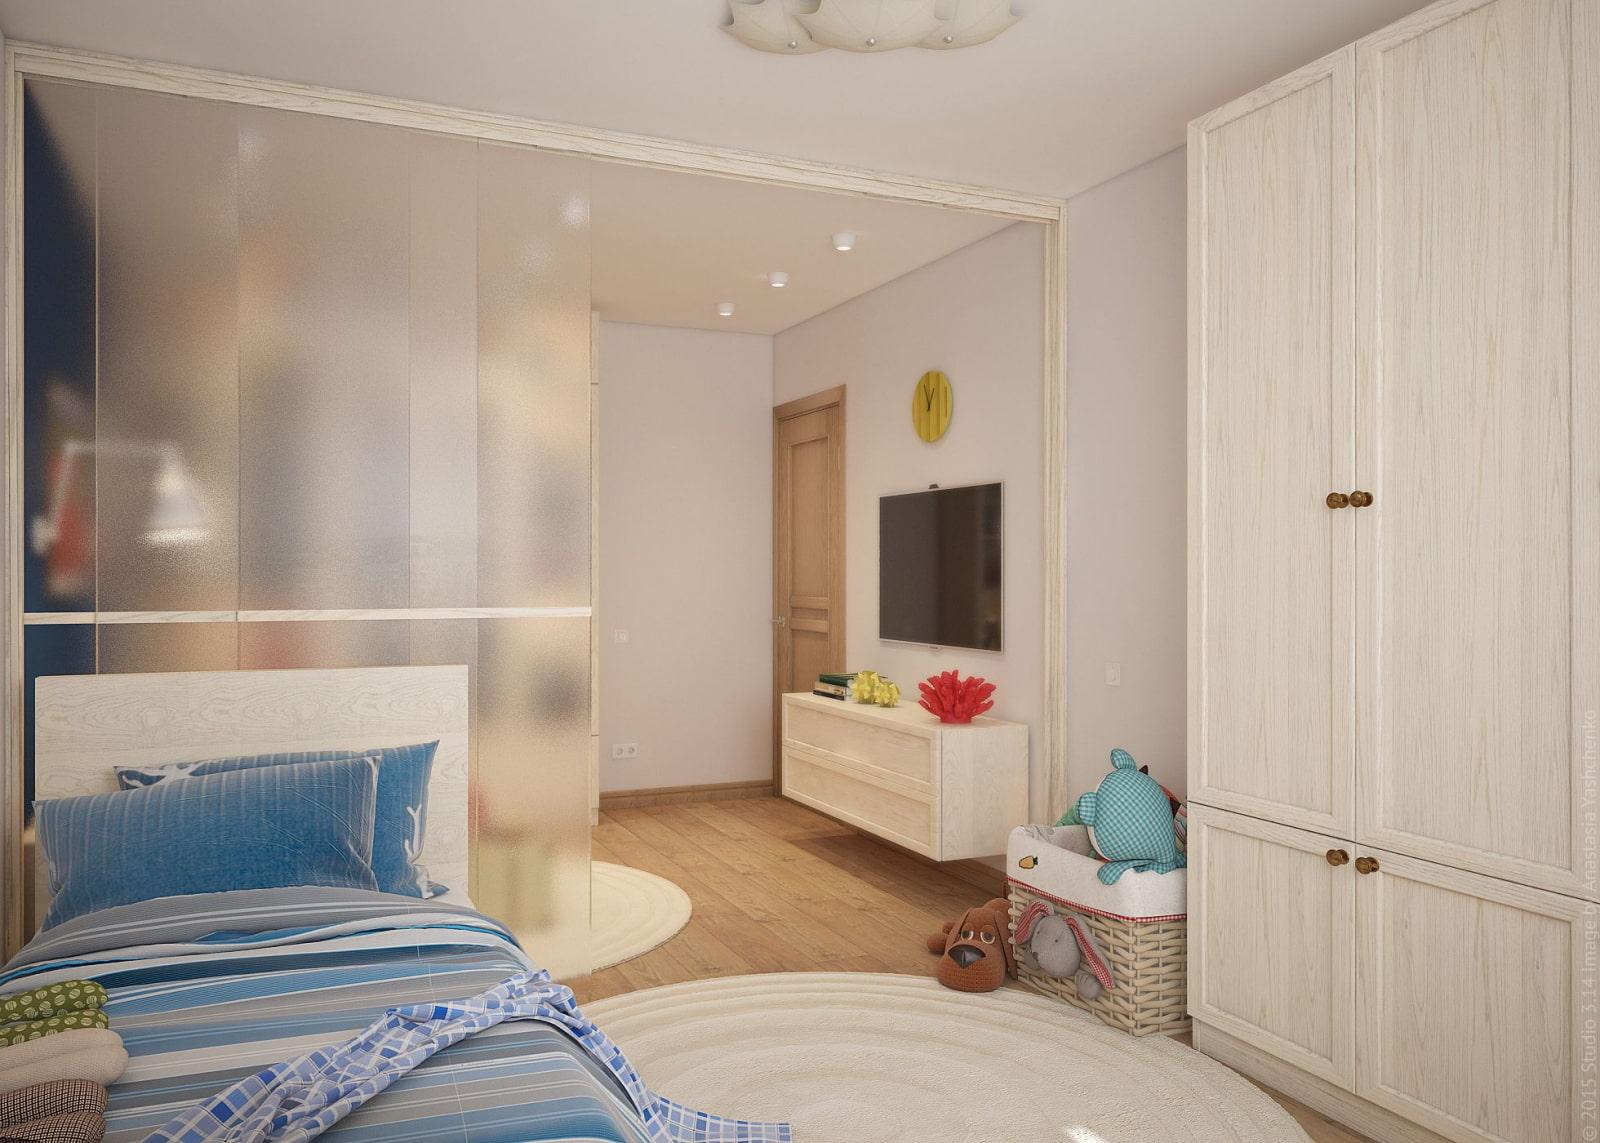 гостиная и детская в одной комнате фото